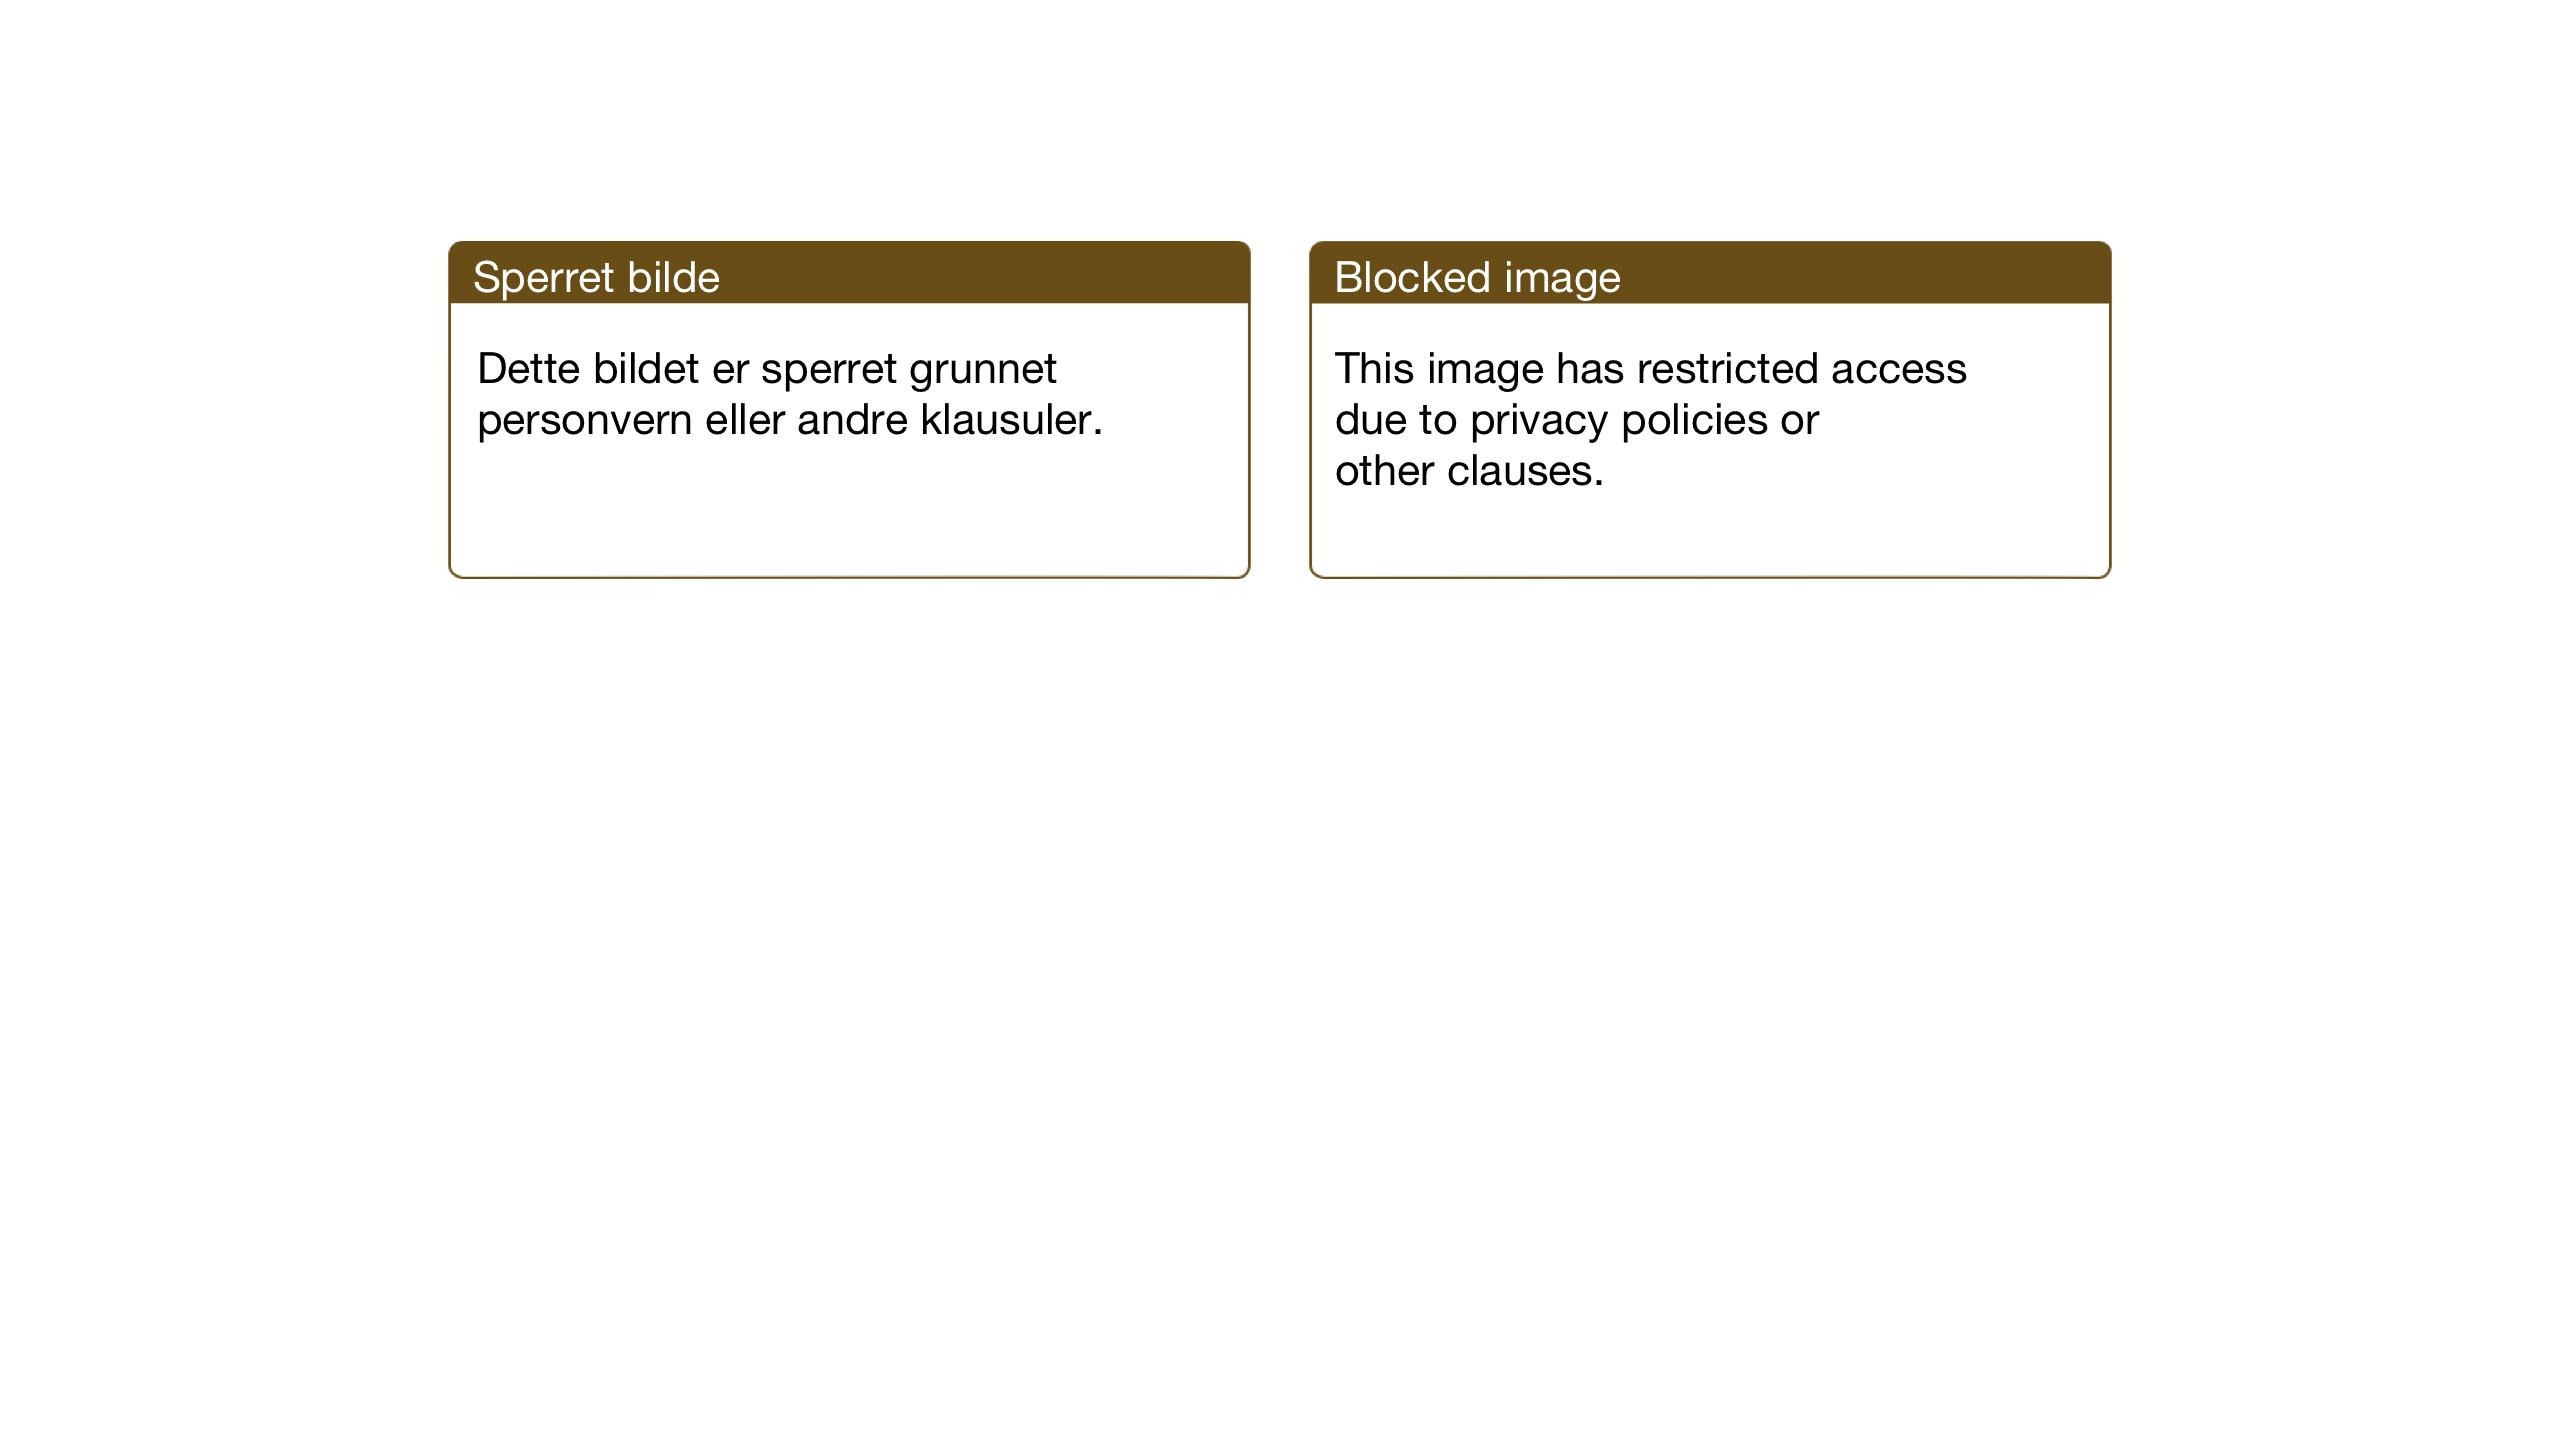 SAT, Ministerialprotokoller, klokkerbøker og fødselsregistre - Sør-Trøndelag, 681/L0944: Klokkerbok nr. 681C08, 1926-1954, s. 81